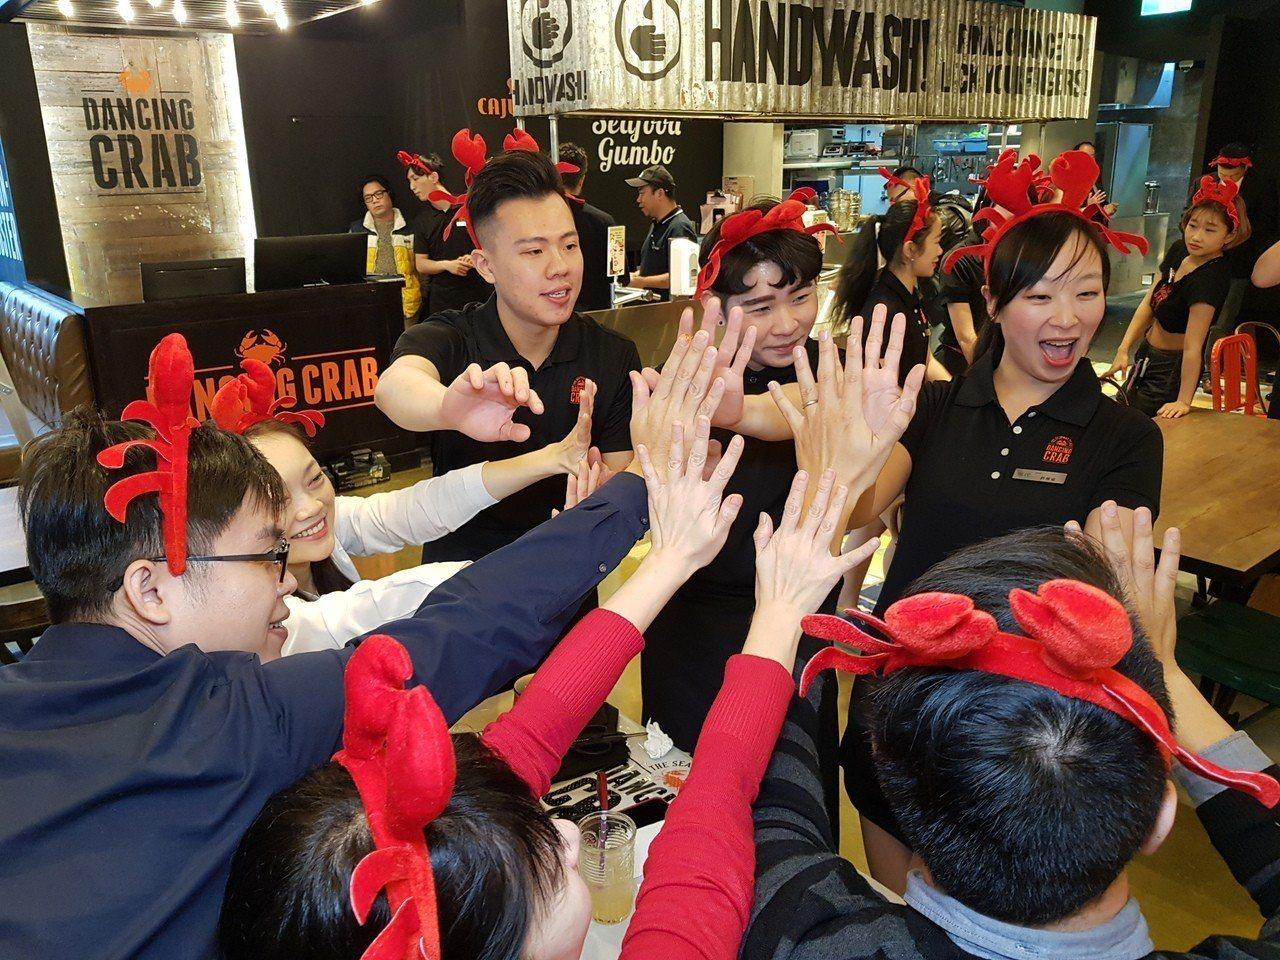 熱情的桌邊舞蹈秀與互動,為DANCING CRAB的一大特色。記者陳睿中/攝影